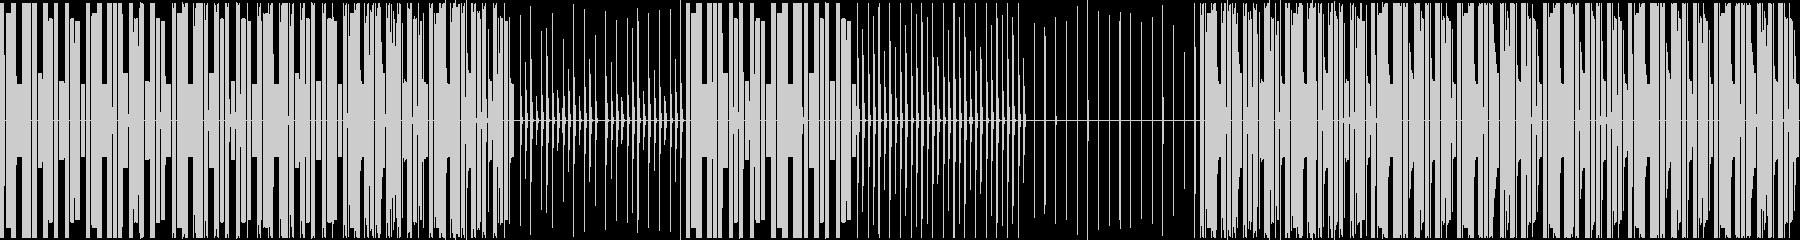 編集で使えるようにソロパート作りました。の未再生の波形